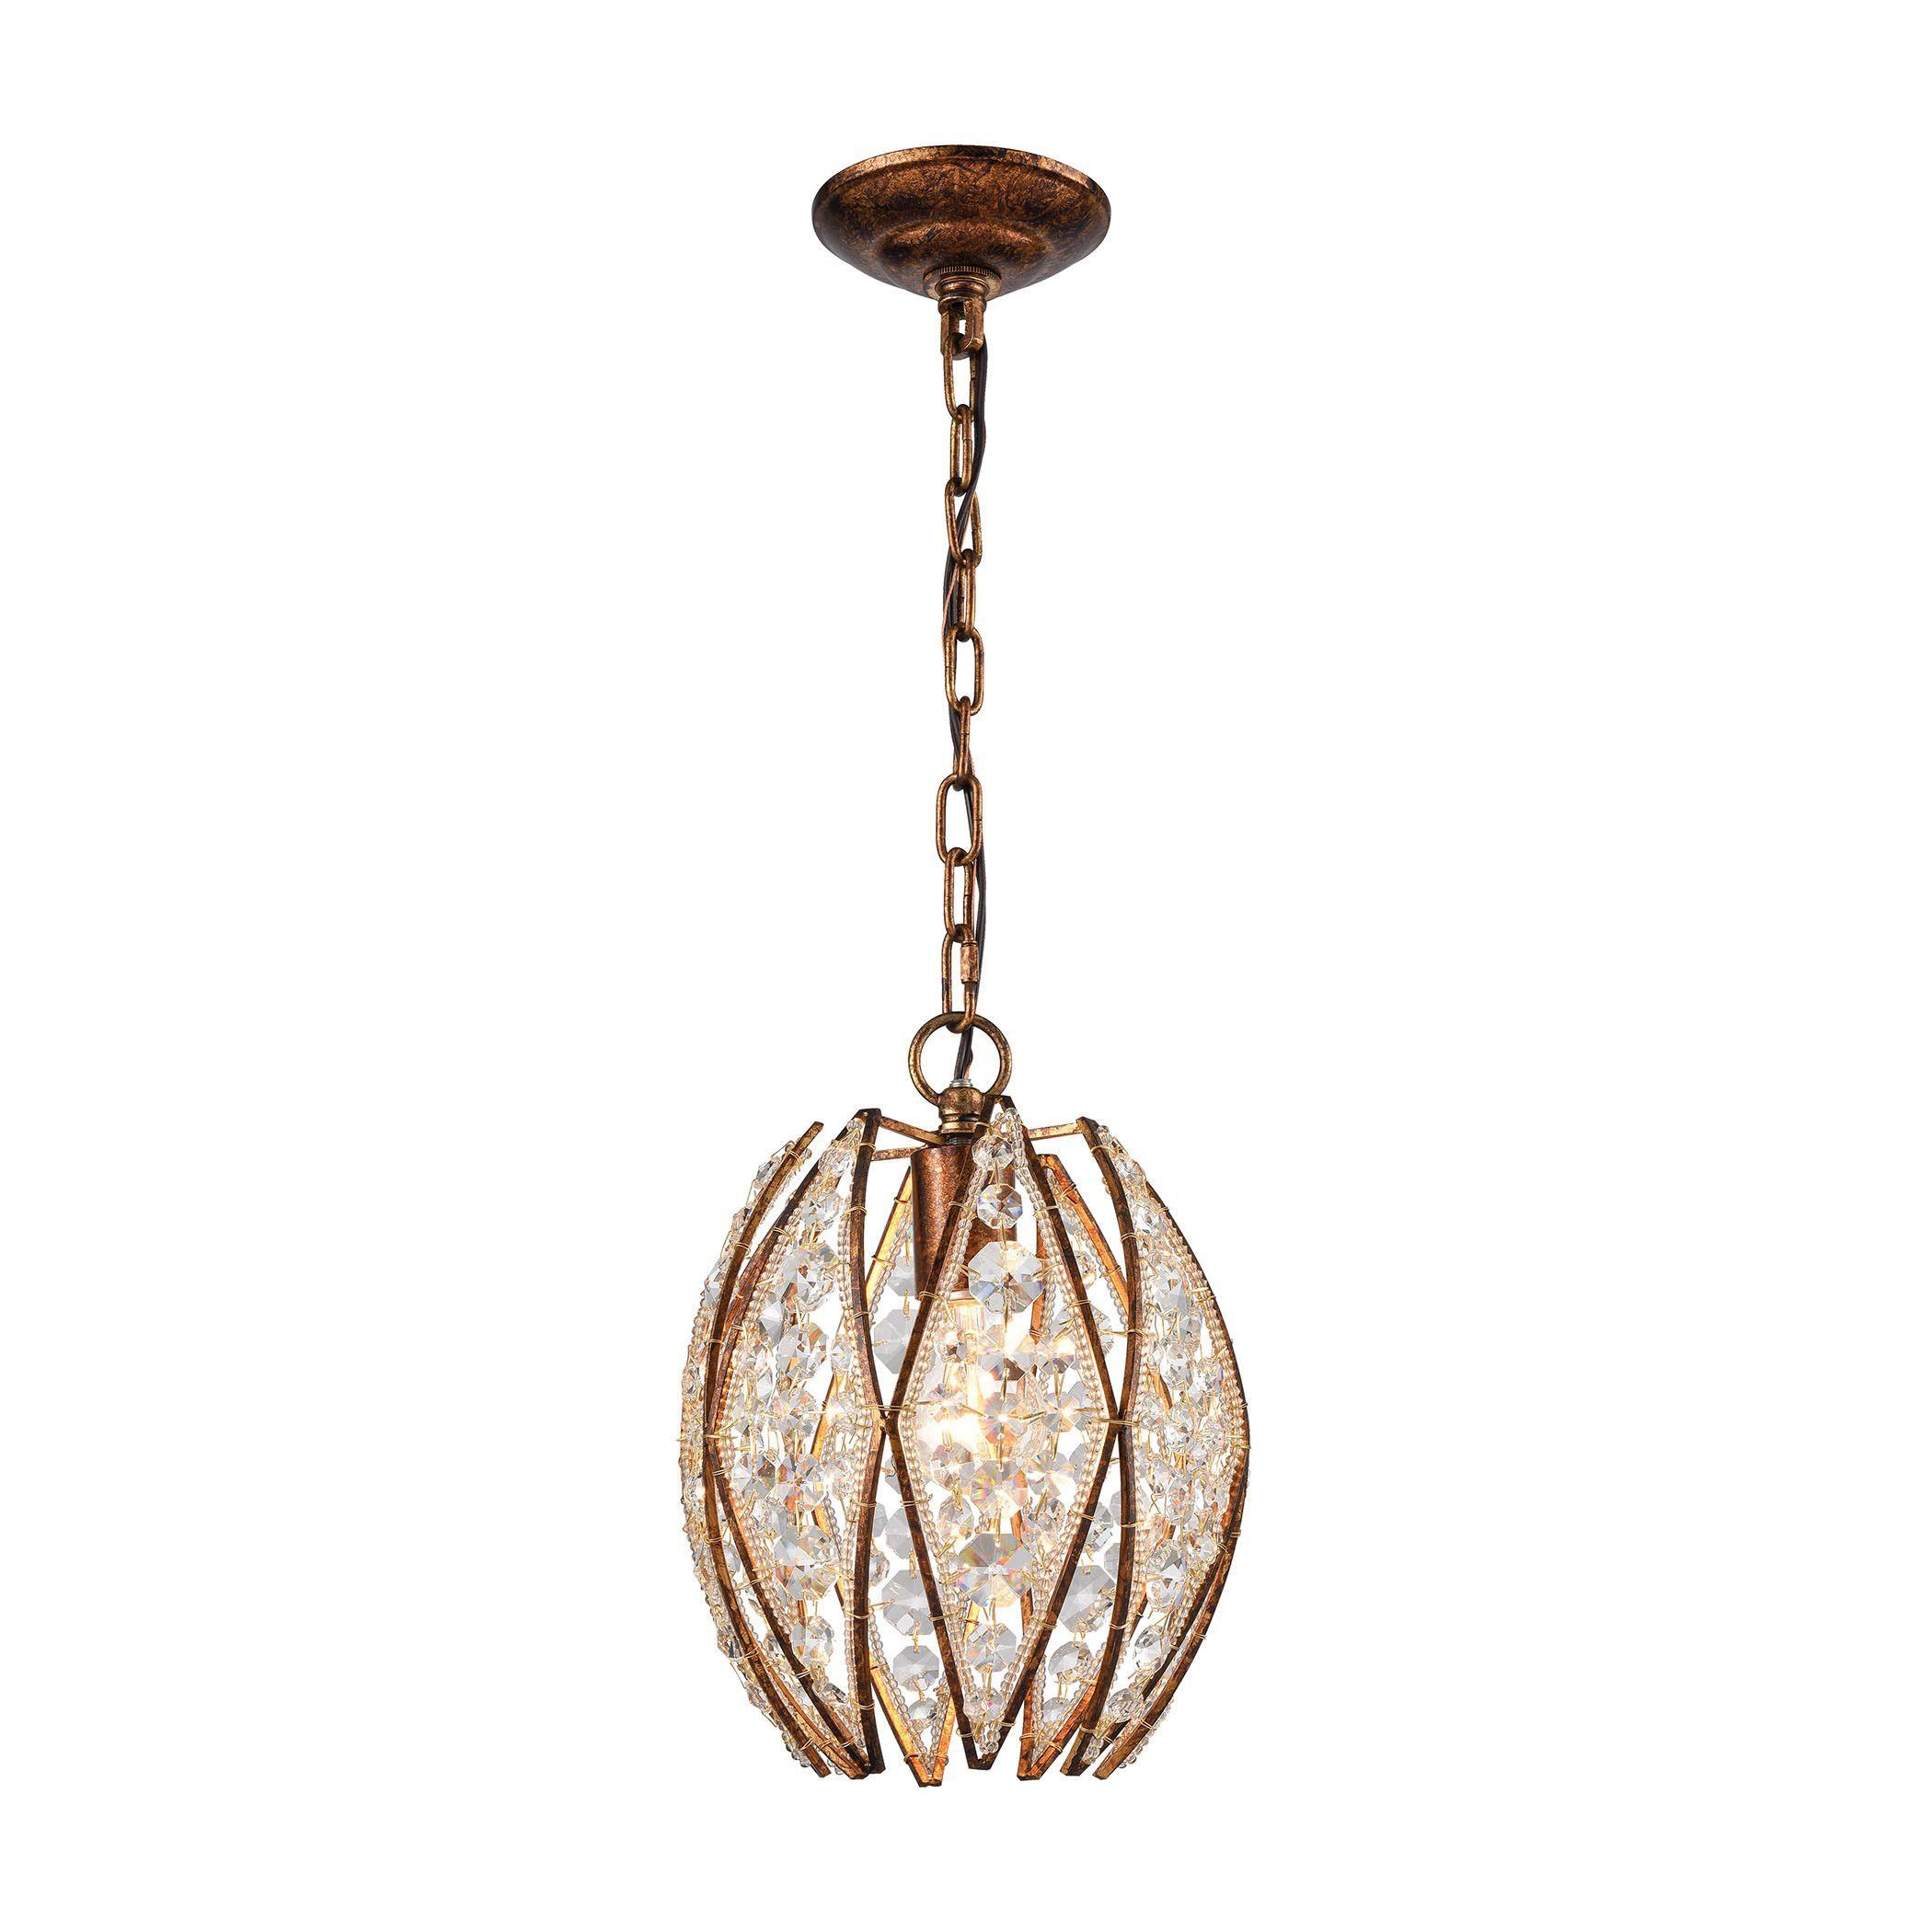 Kumbaya 1 Light Pendant In Spanish Bronze